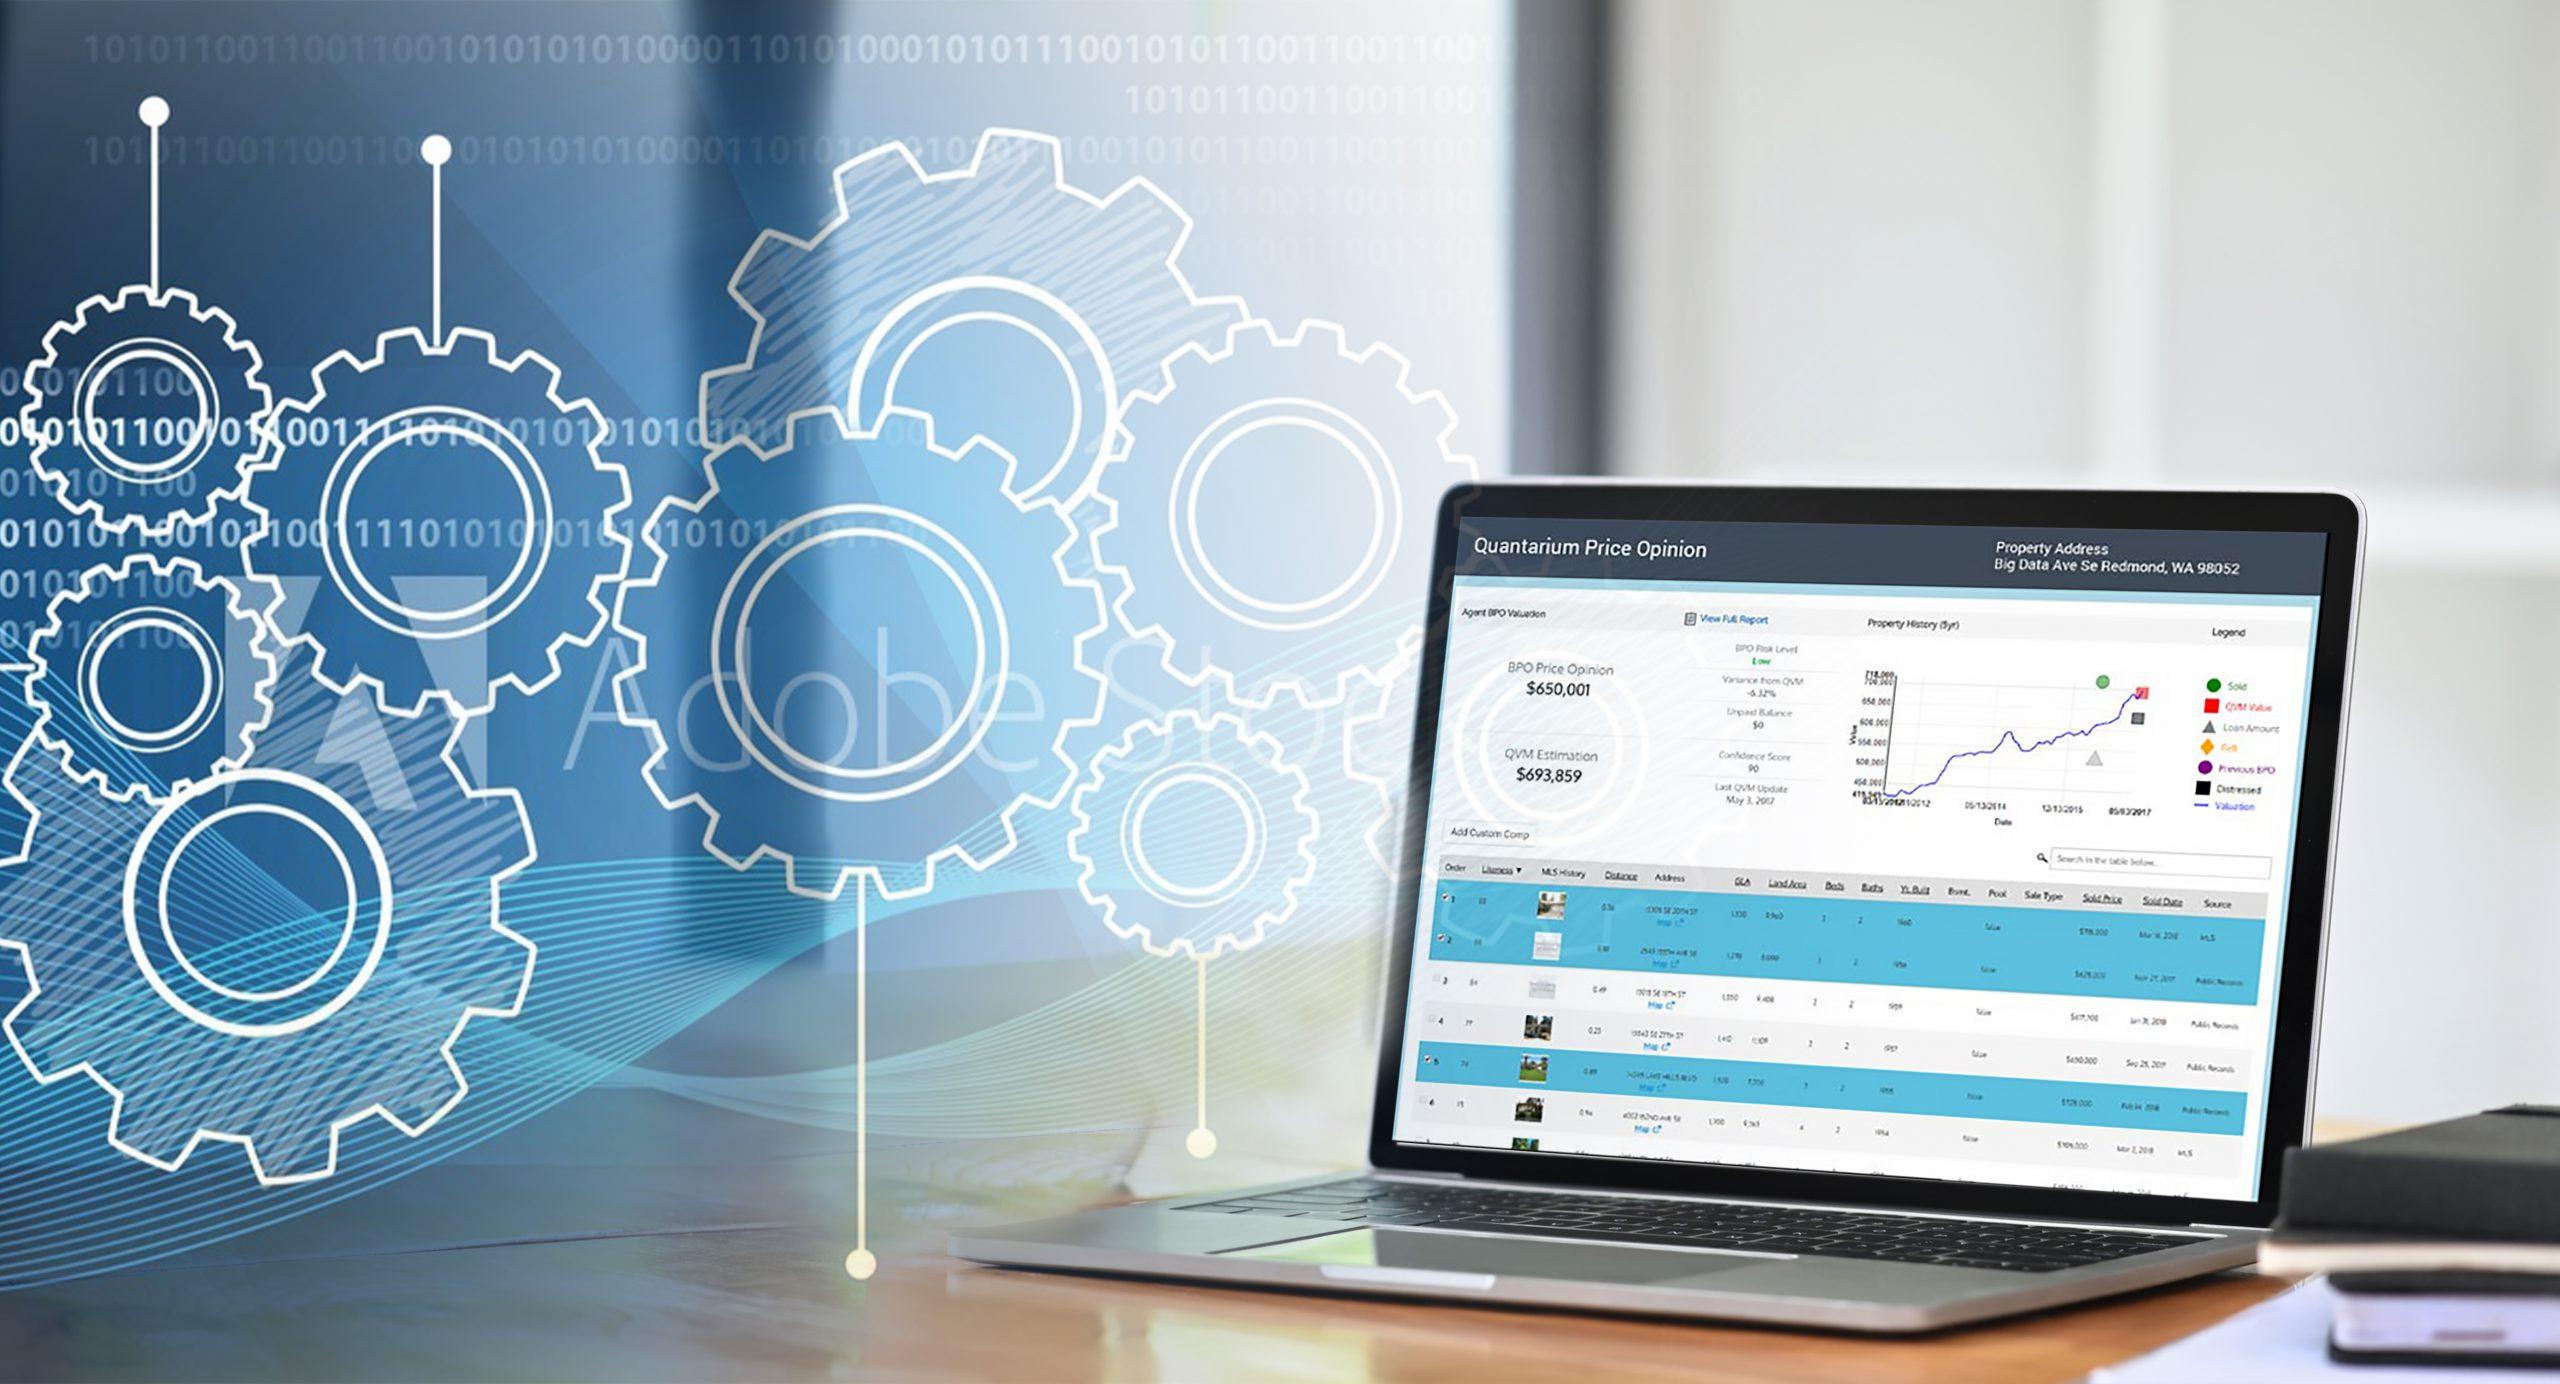 Quantarium Valuation Services Platform Product